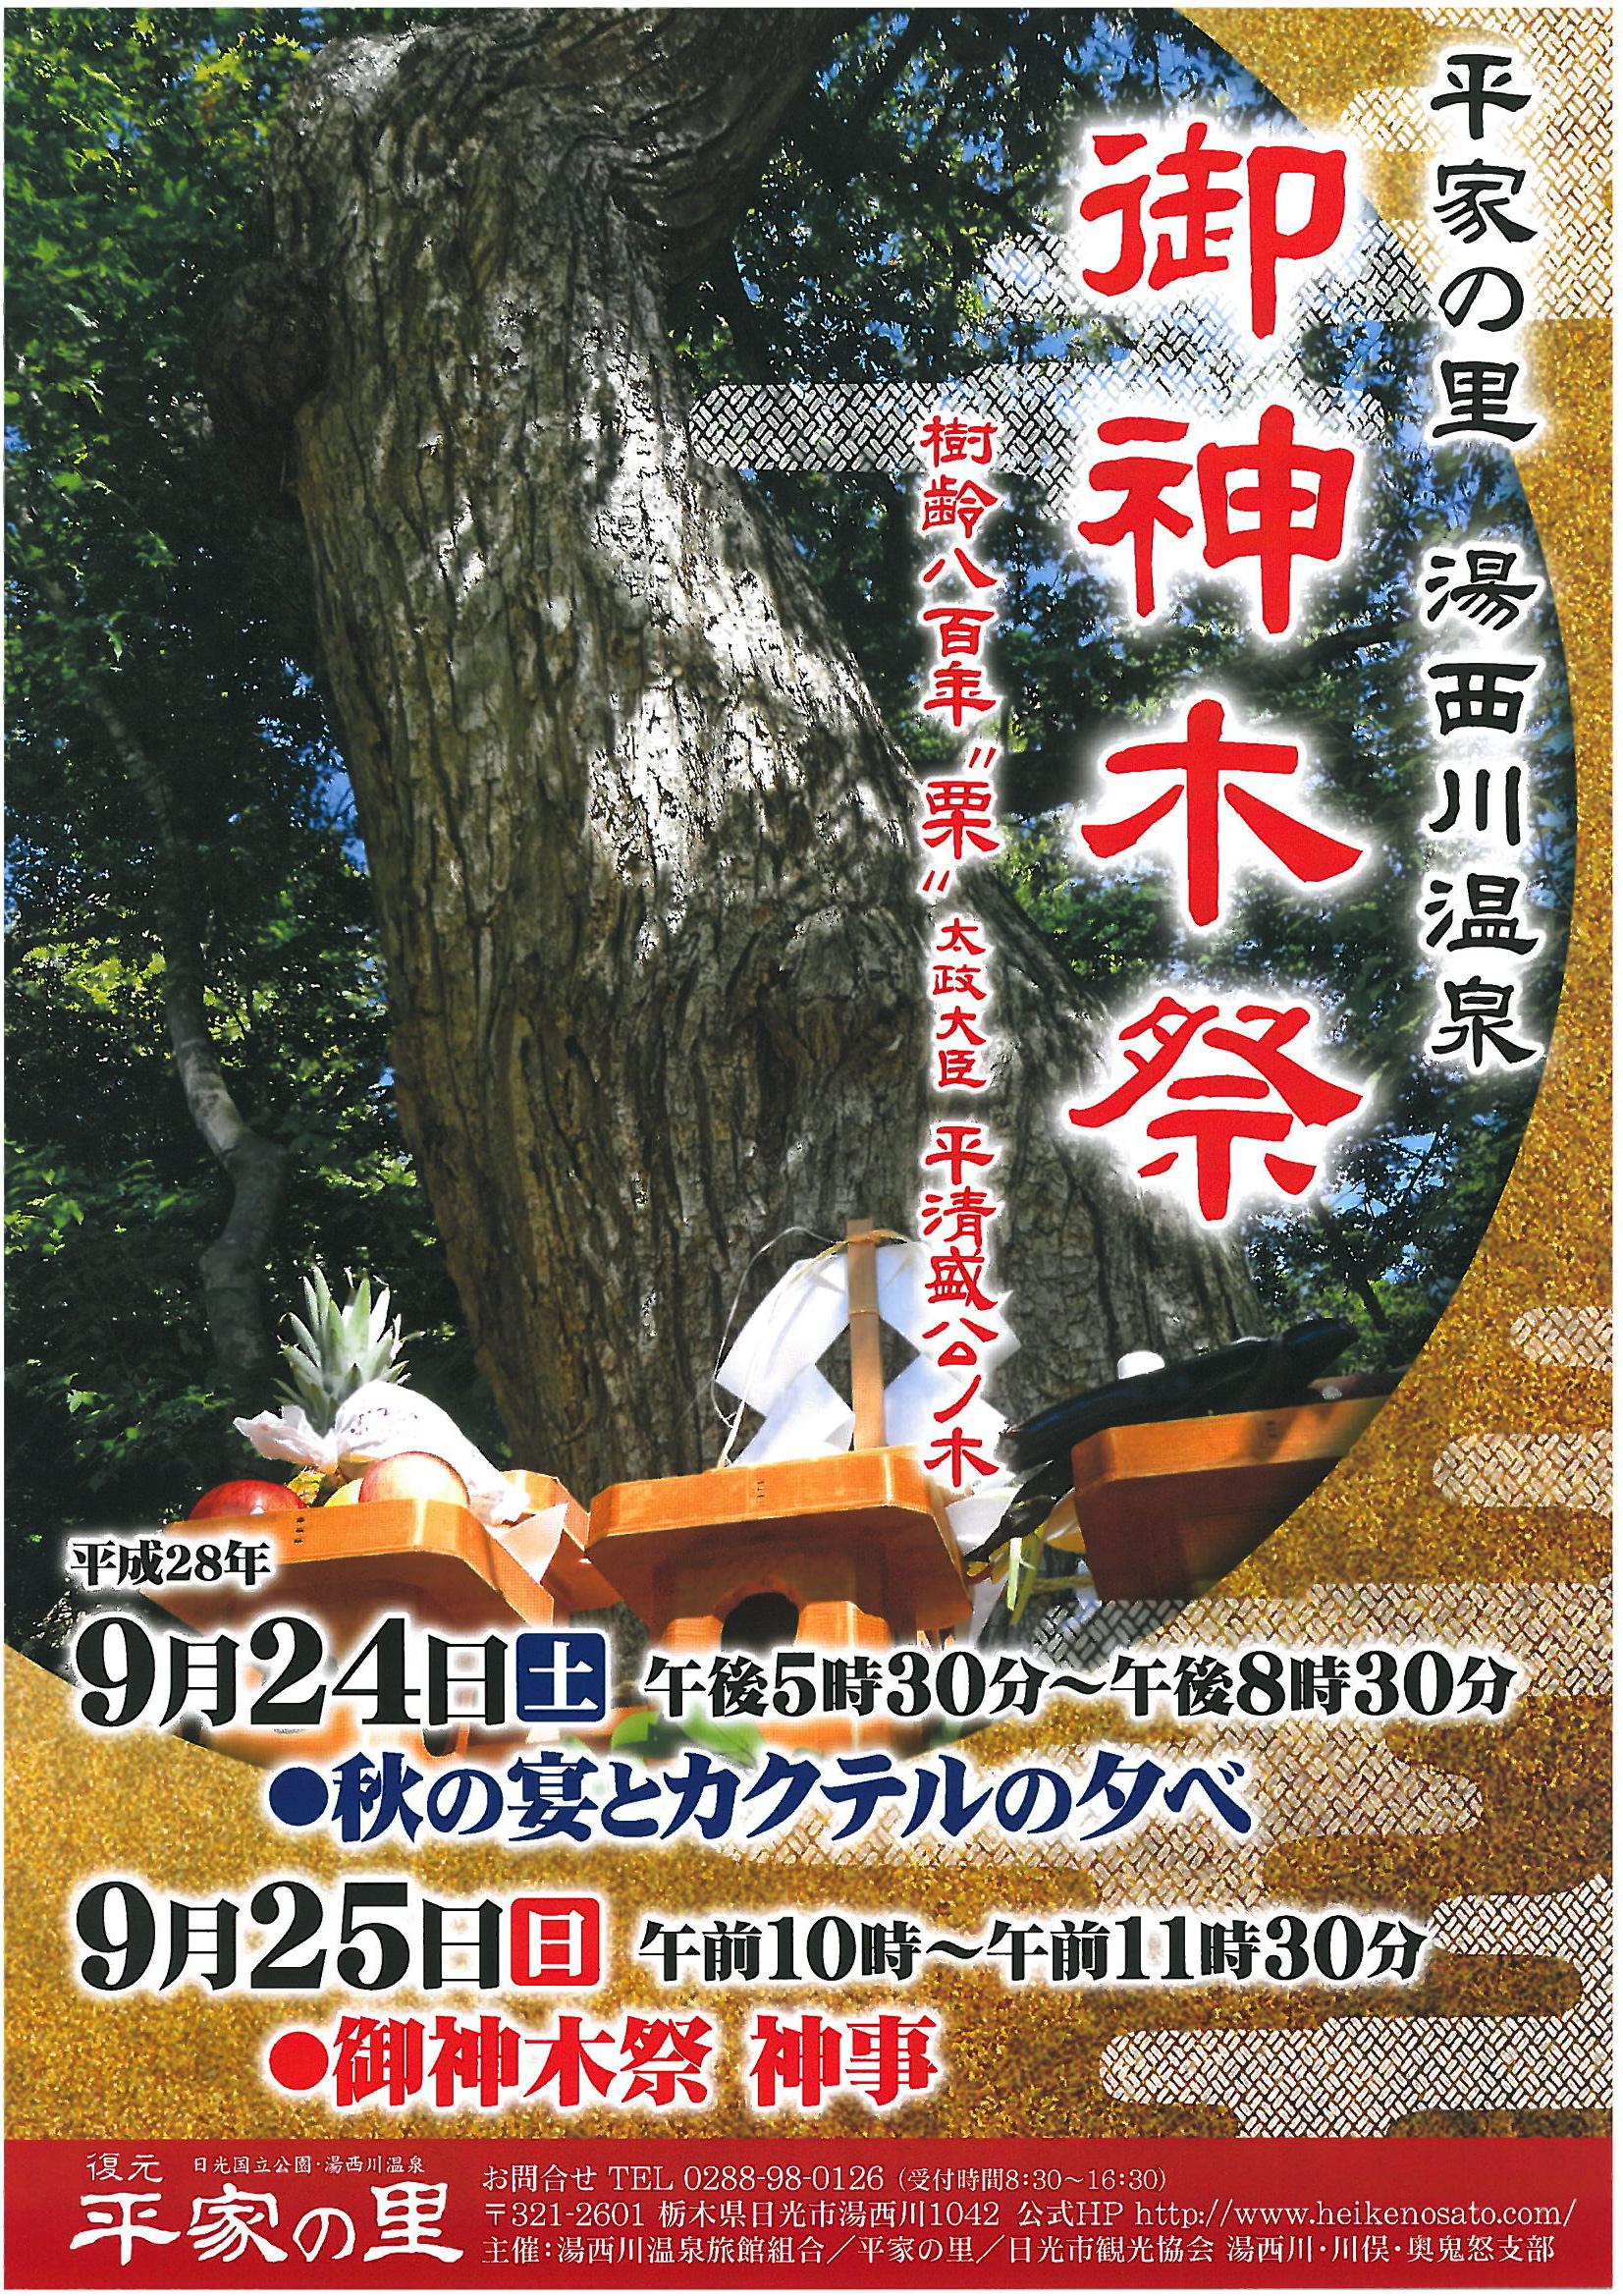 御神木祭2016年パンフレット表